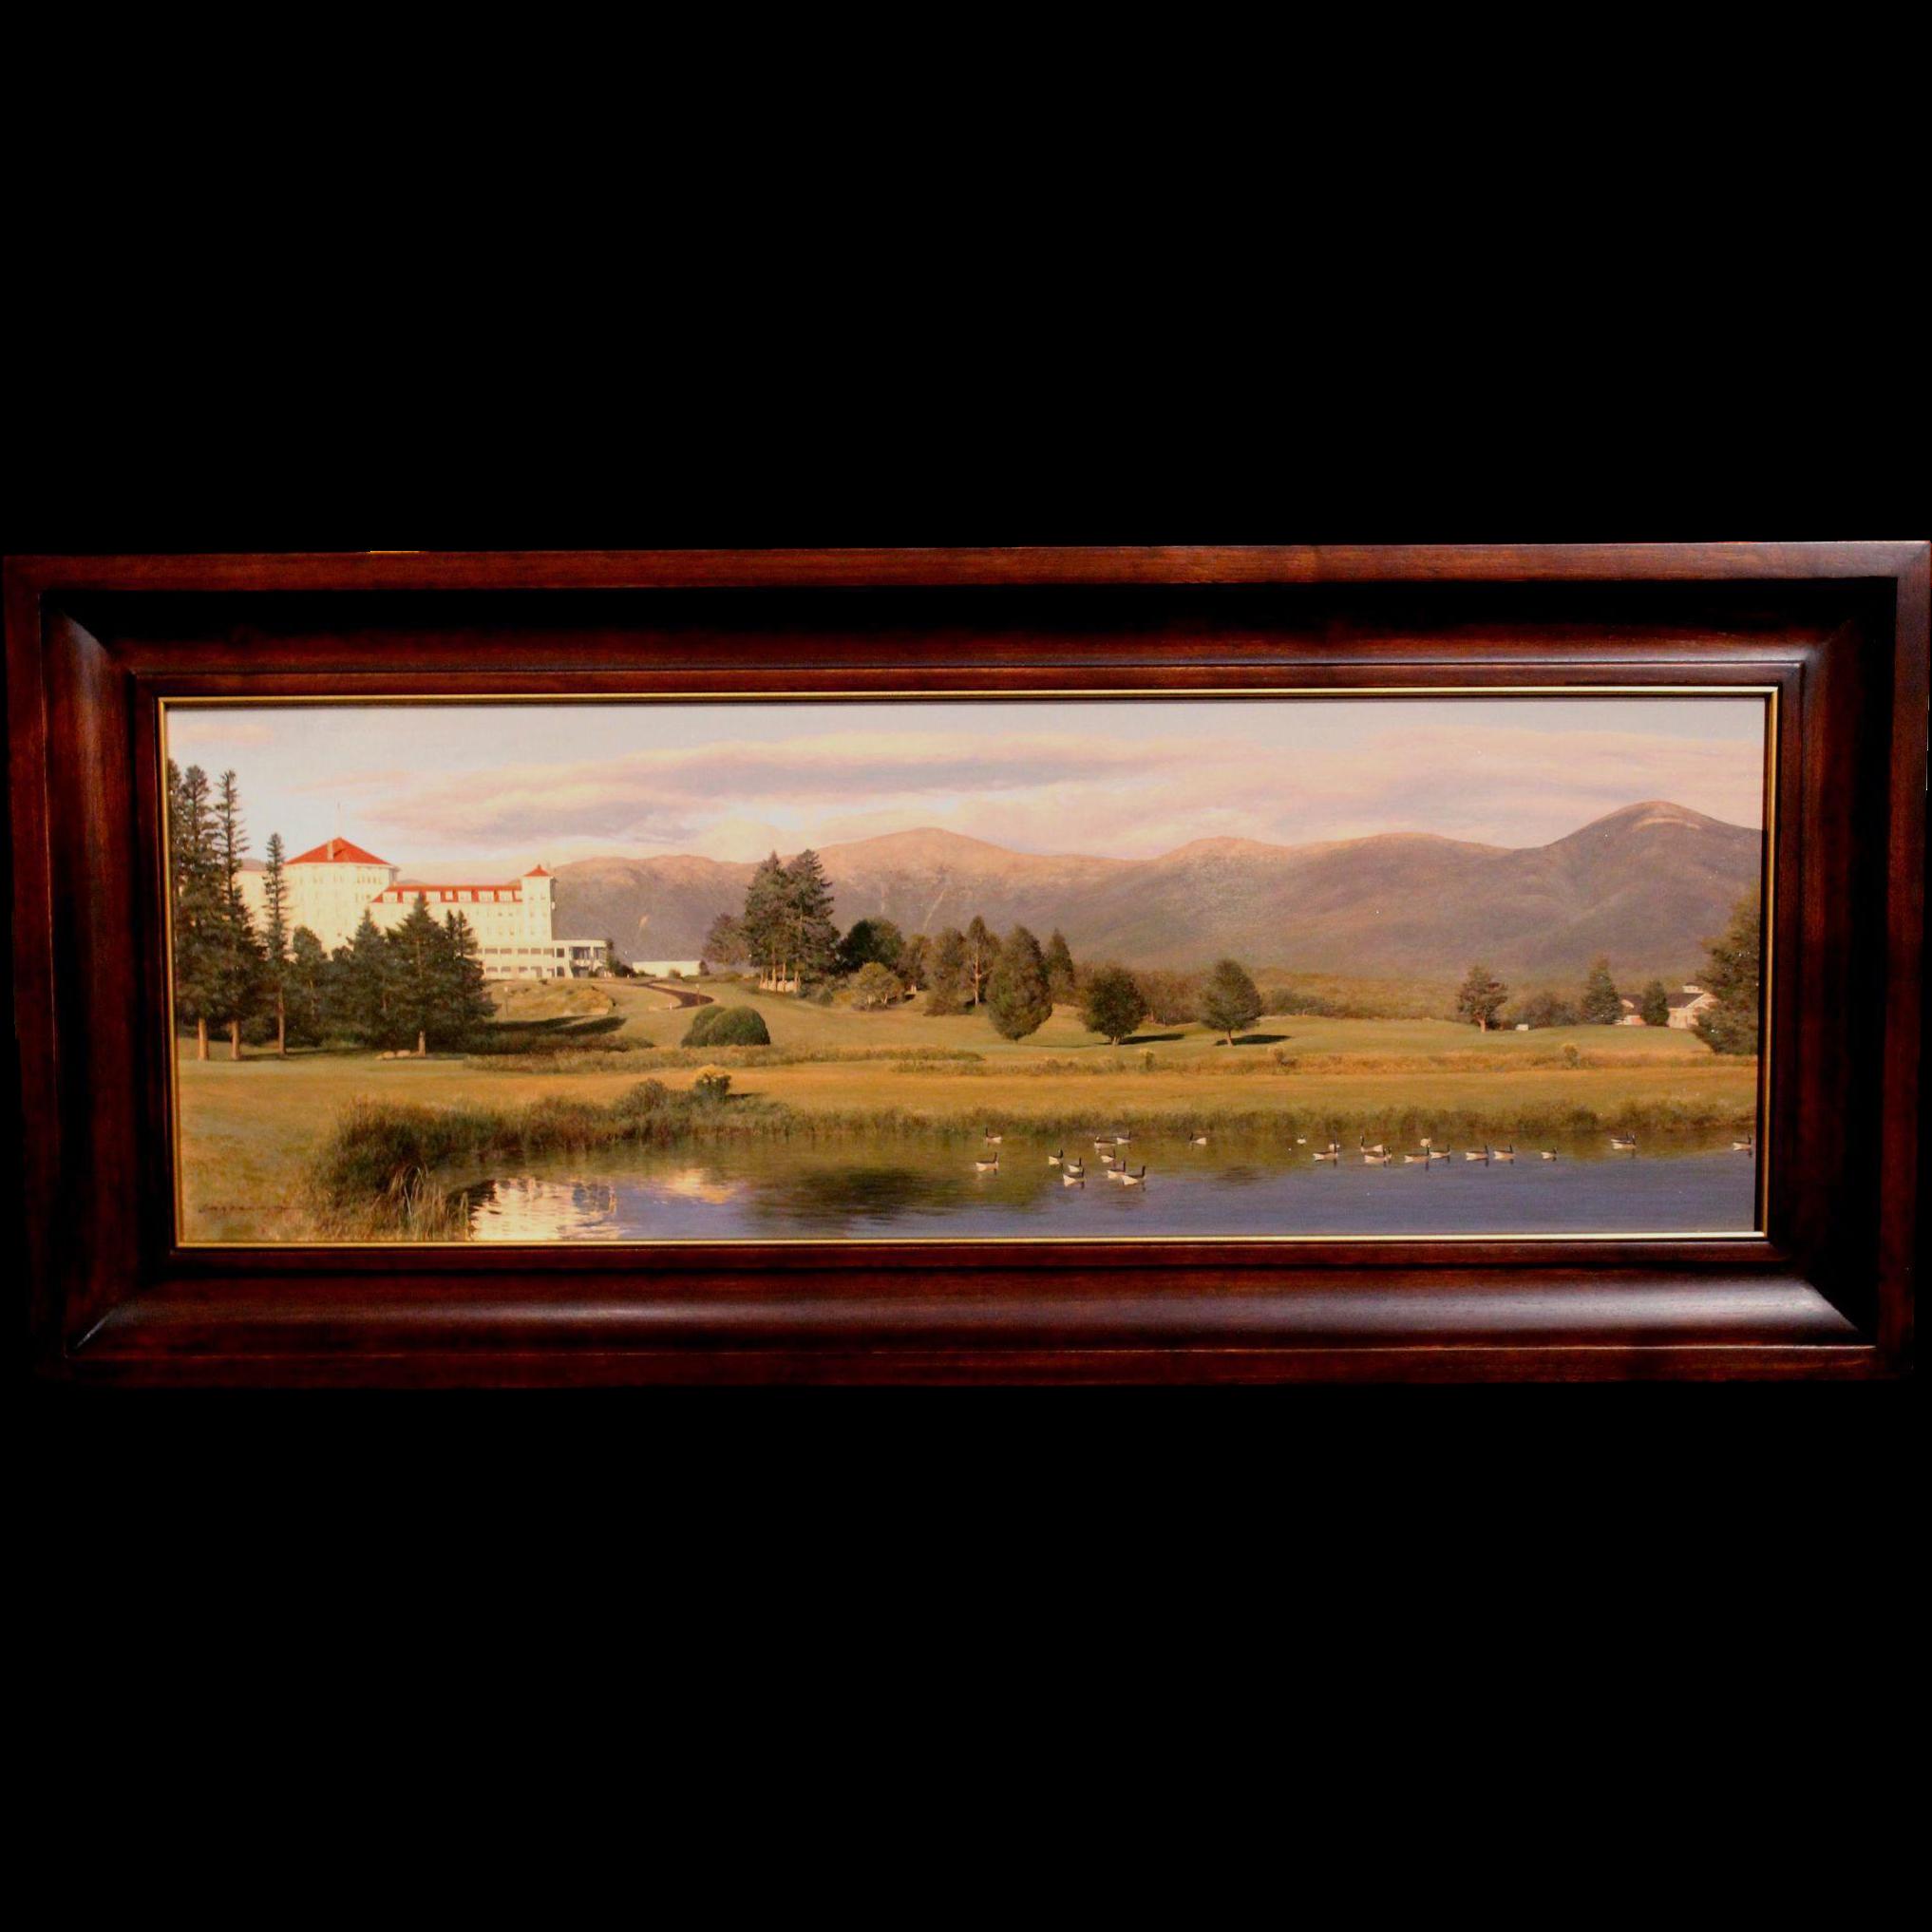 Erick Ingraham NH White Mountain Landscape - The Mount Washington